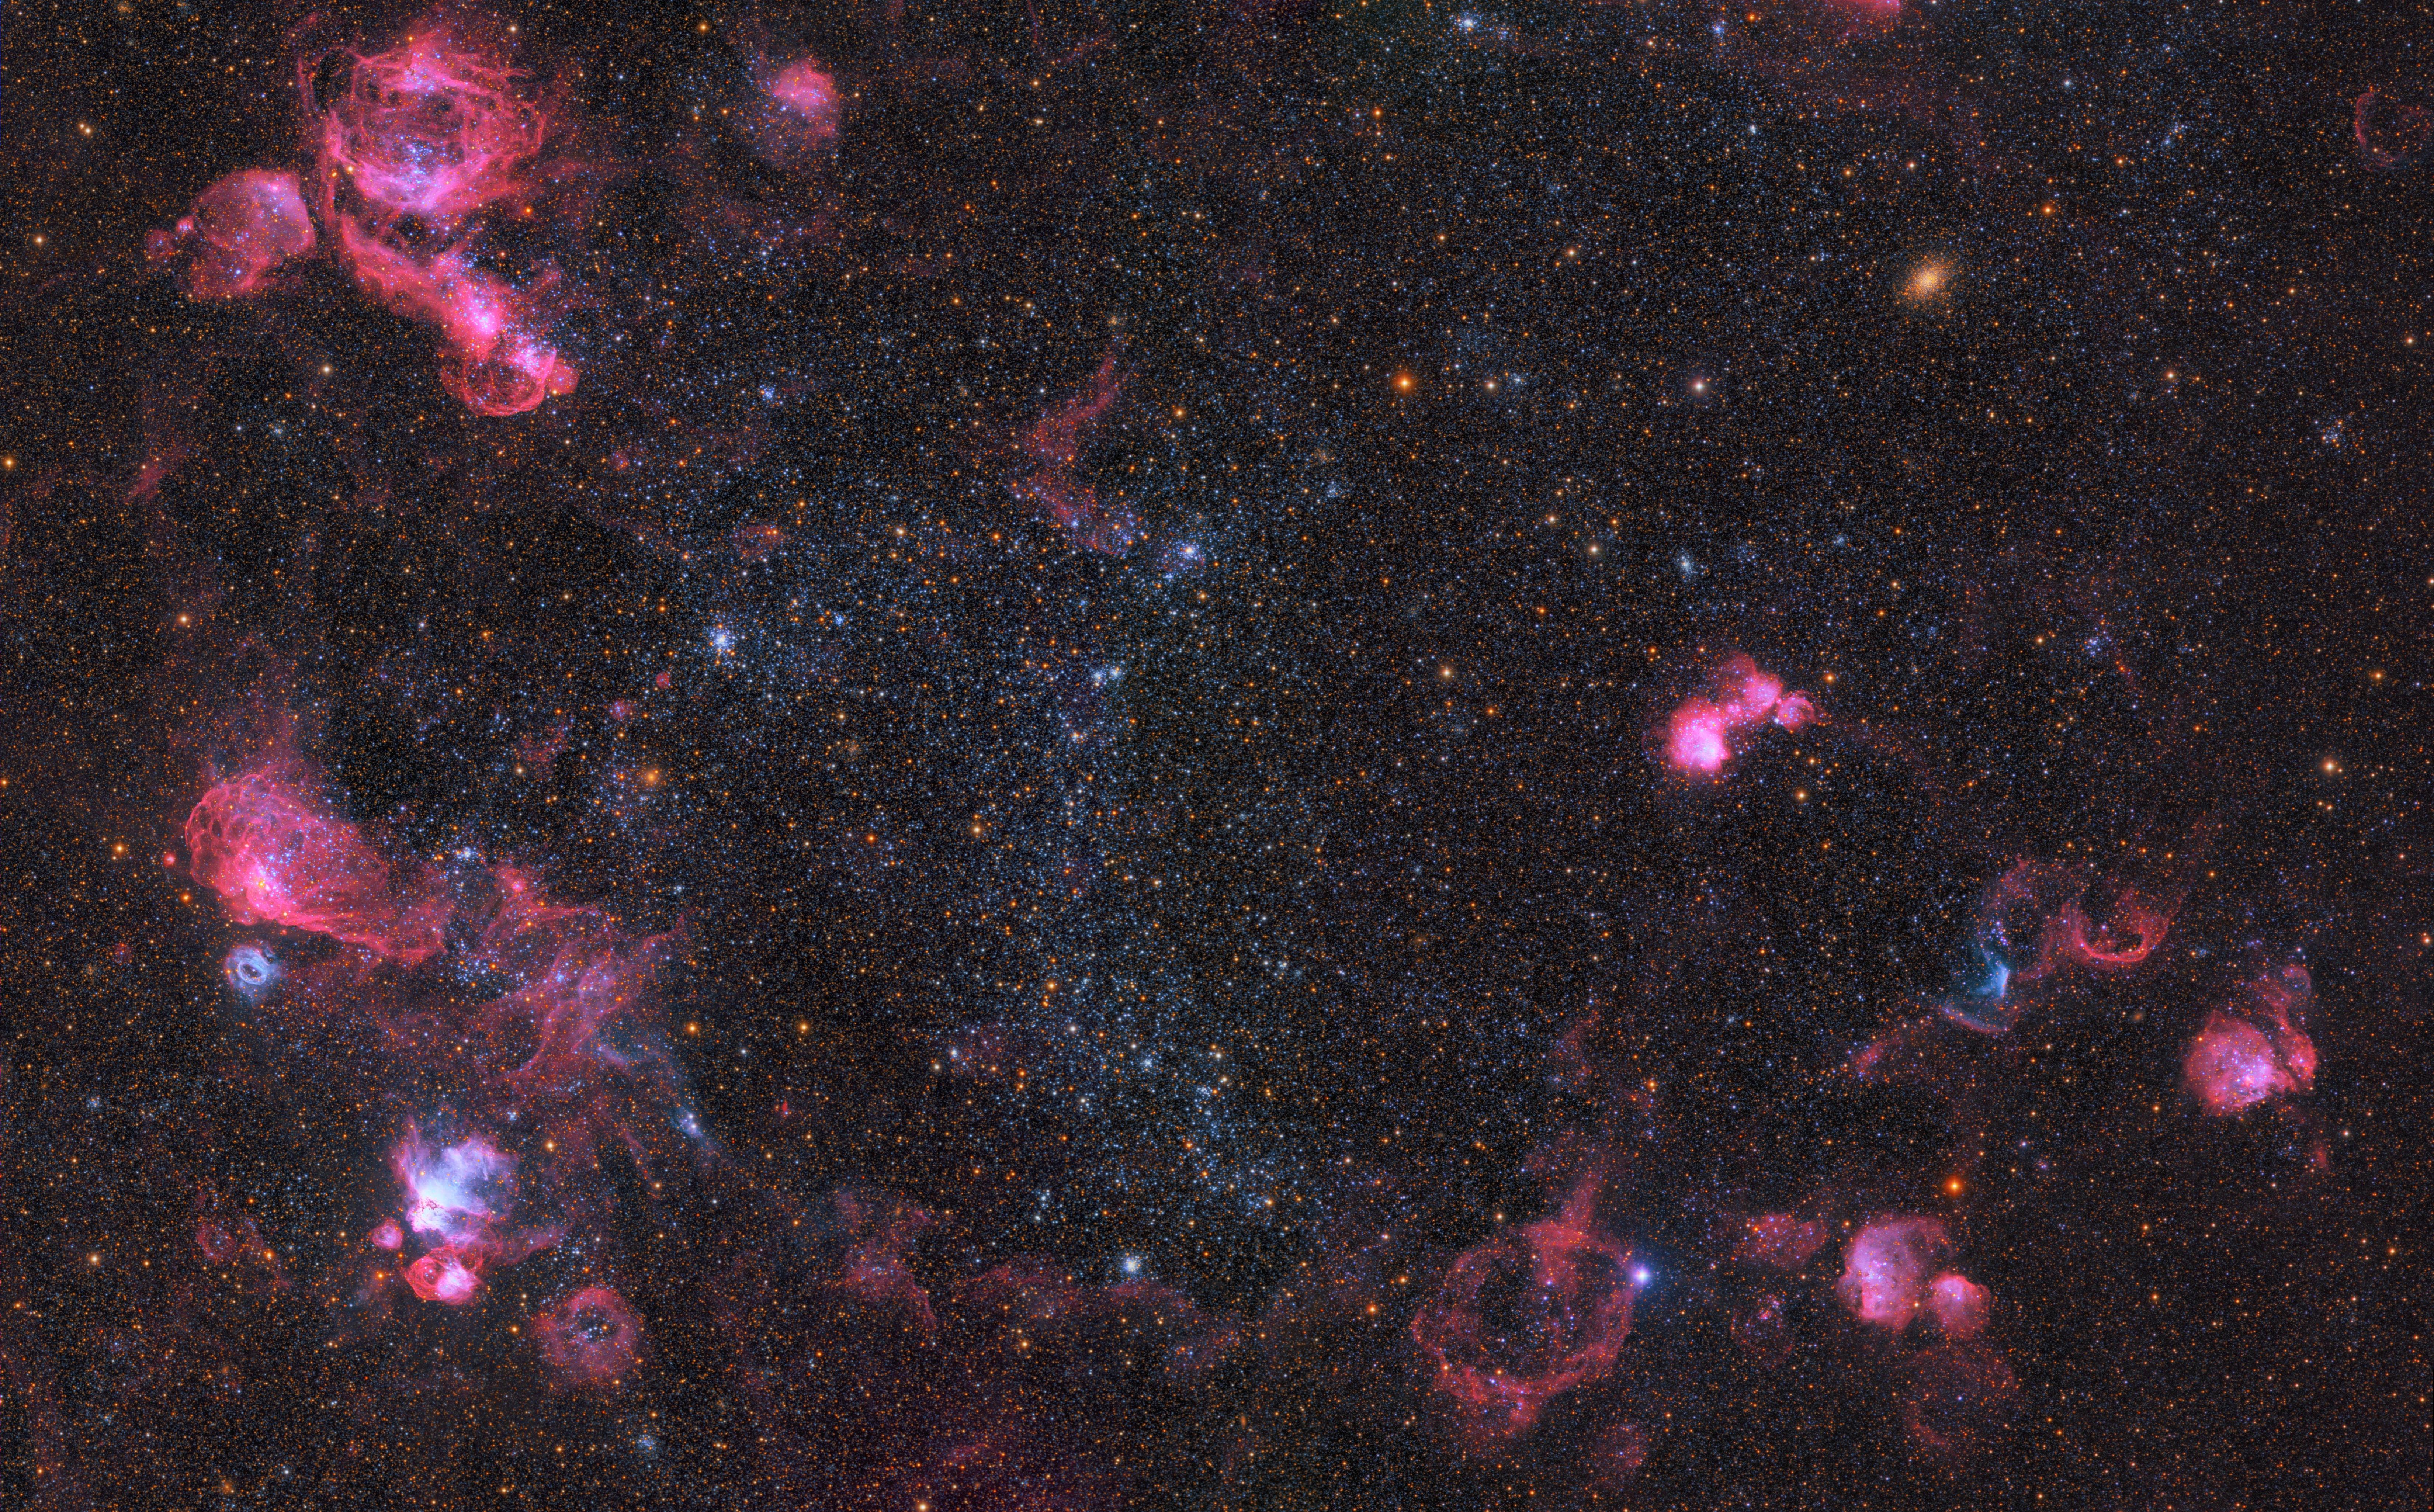 NGC 2032